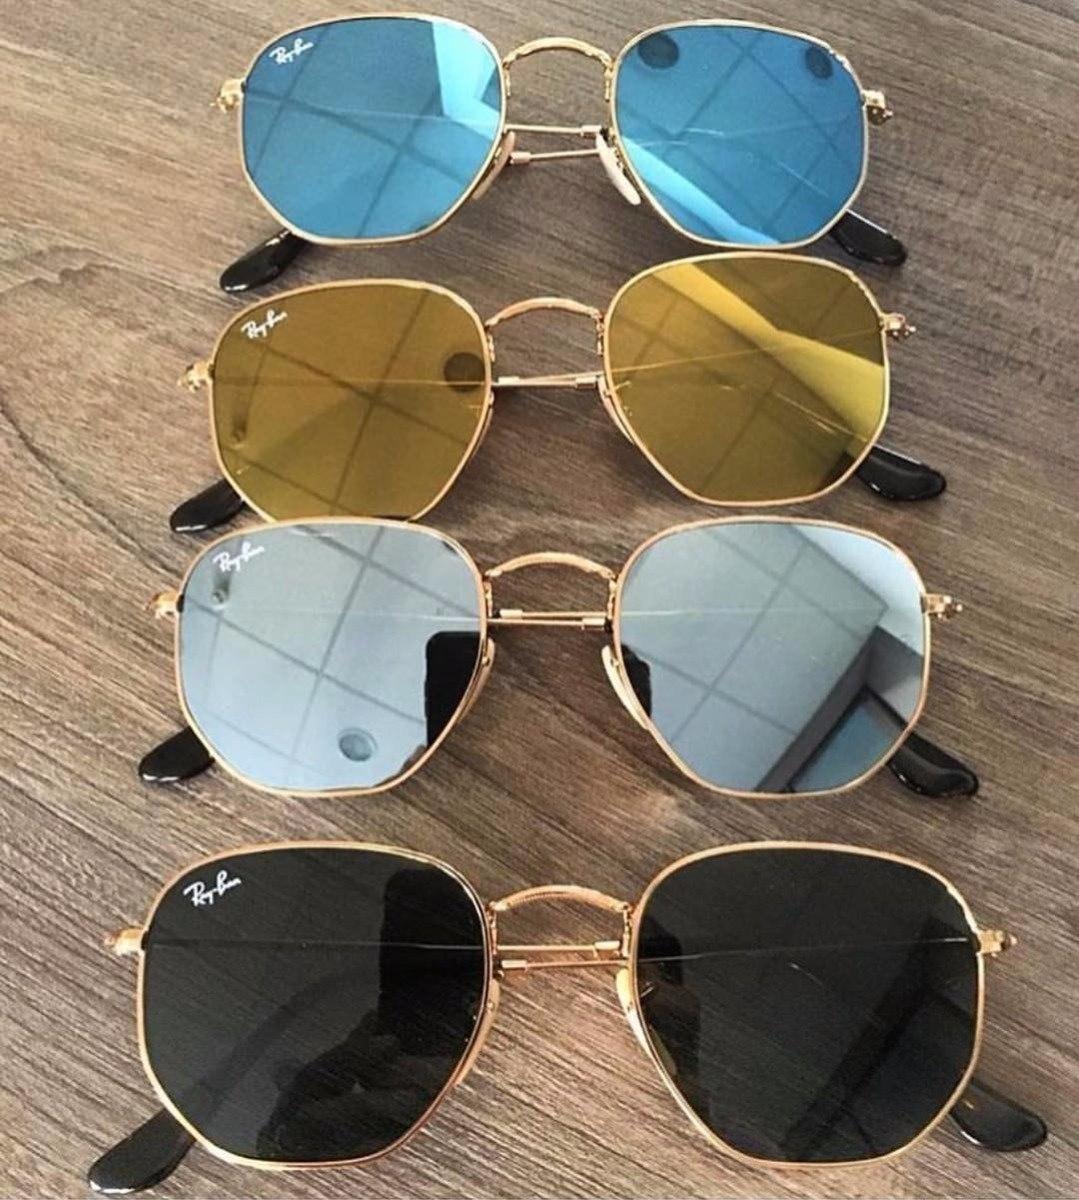 6260dd6dc203f oculos de sol rayban hexagonal ray ban frete grátis promoção. Carregando  zoom.